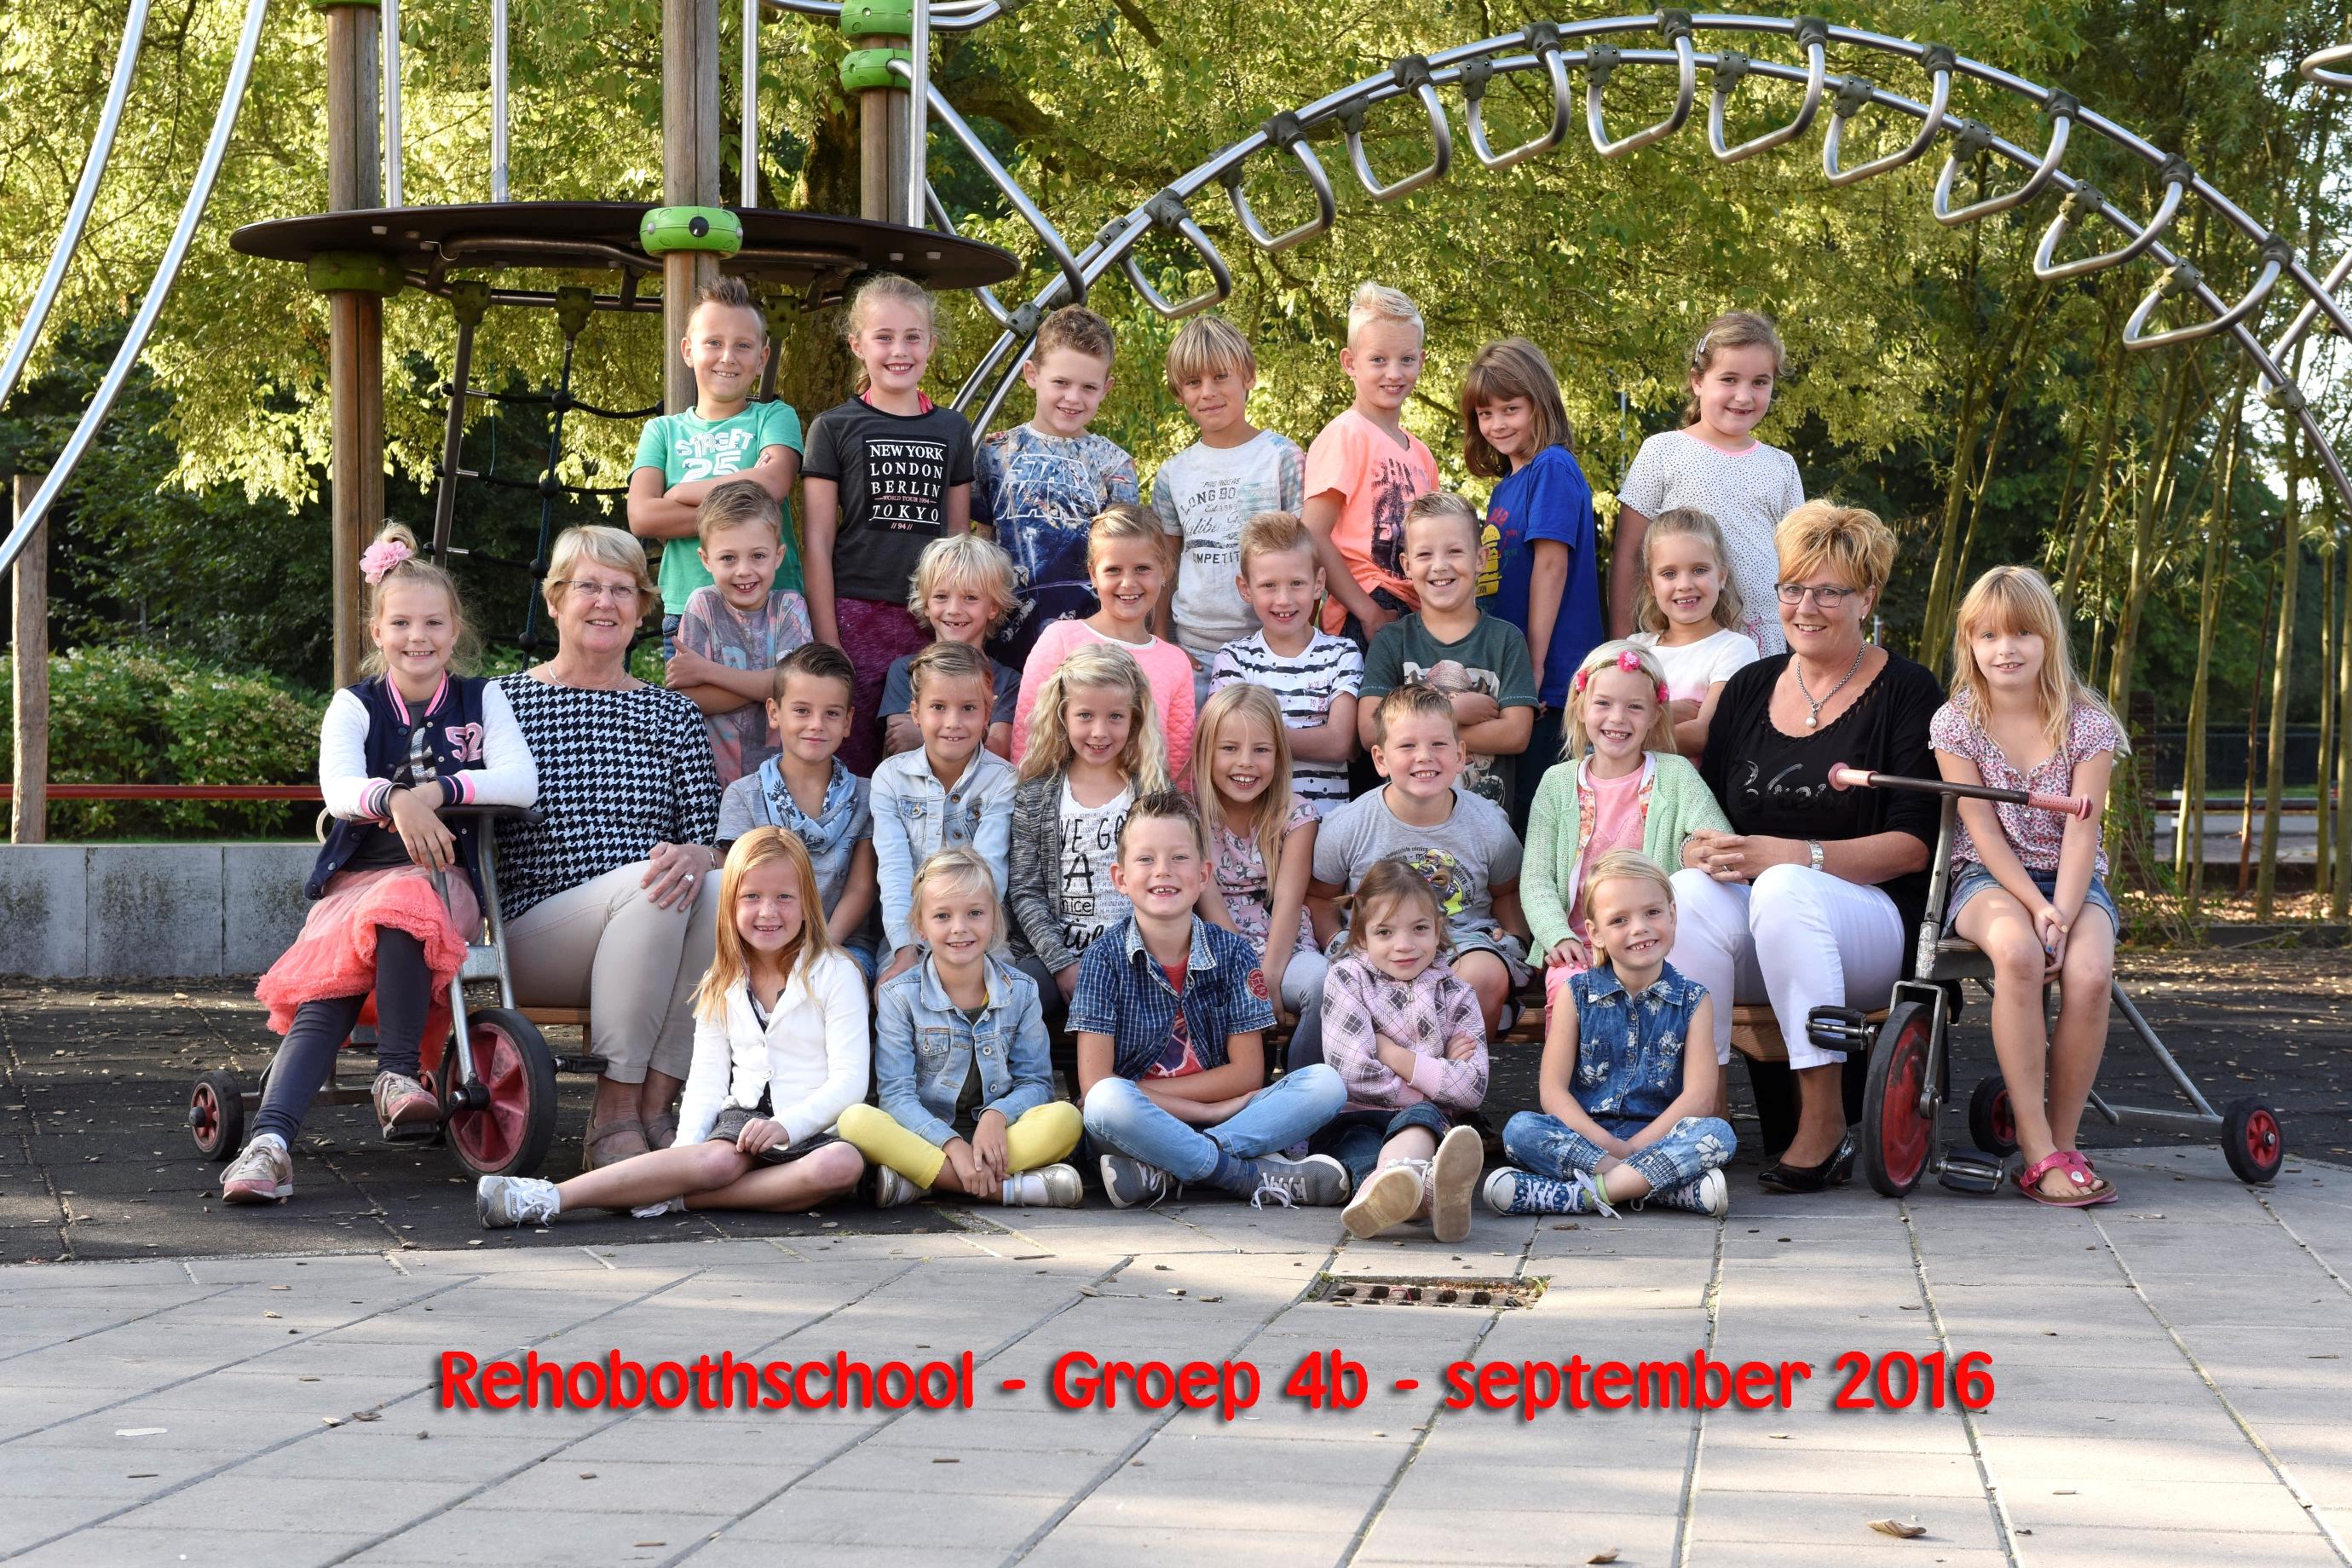 Groep 4 Rehobothschool Nijkerk